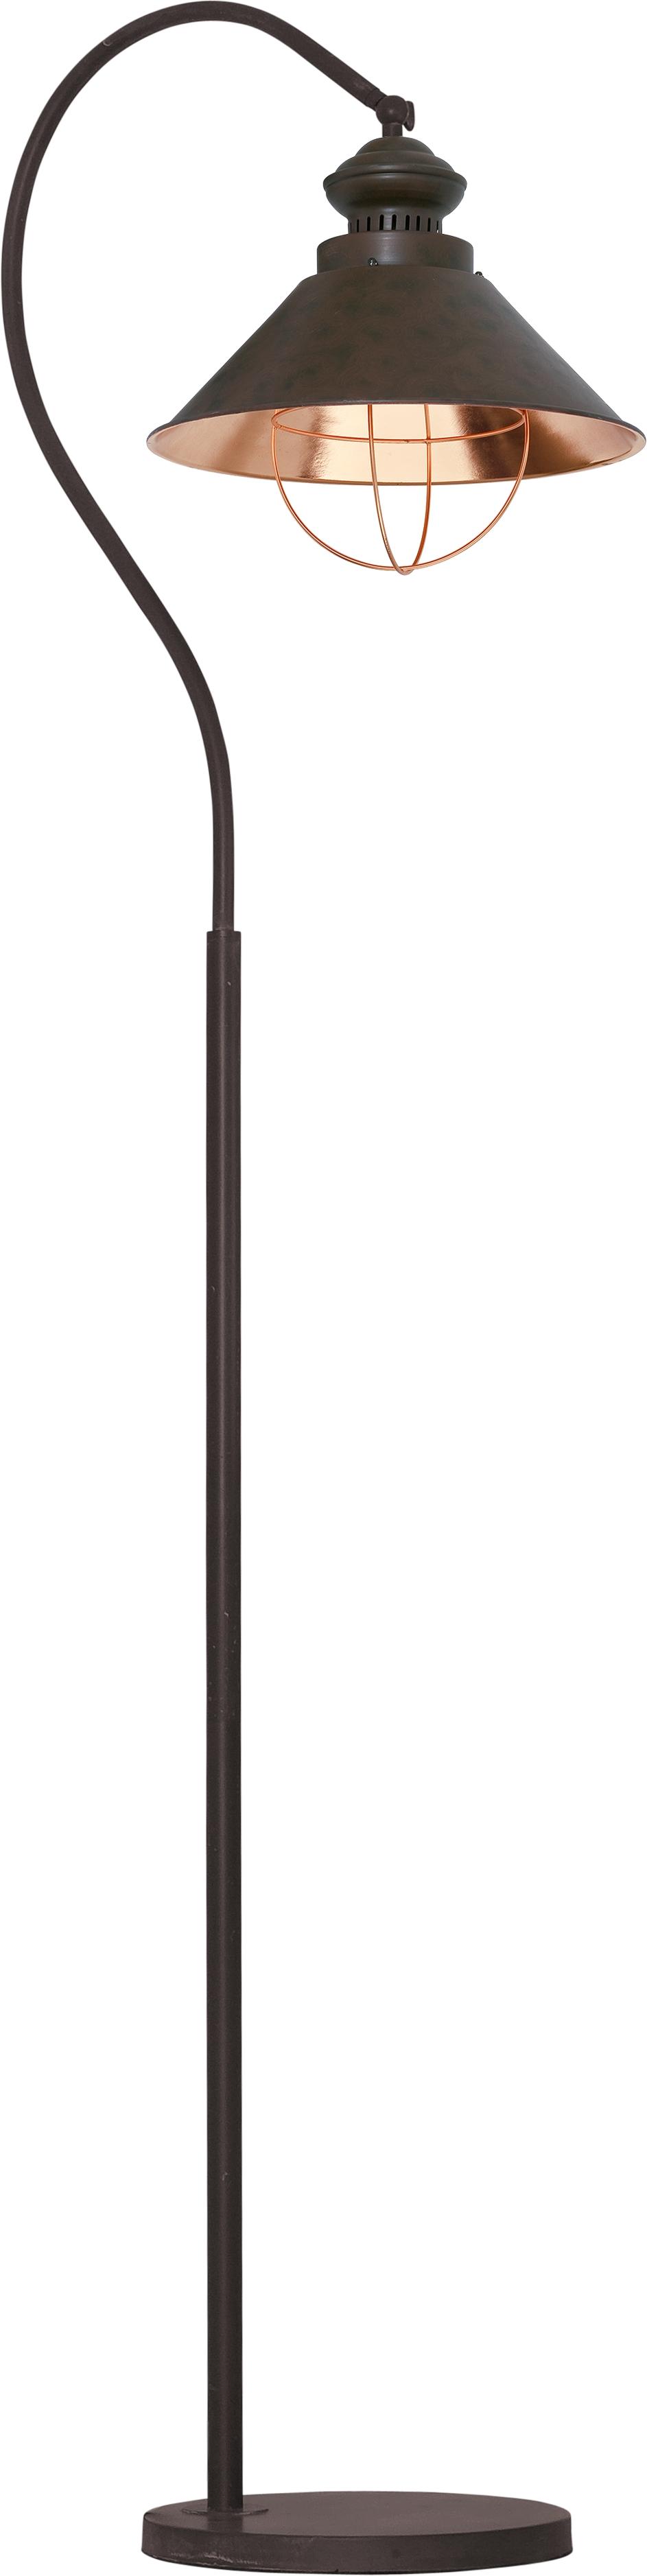 Klasická stojanová lampa 5061 Loft (Nowodvorski)